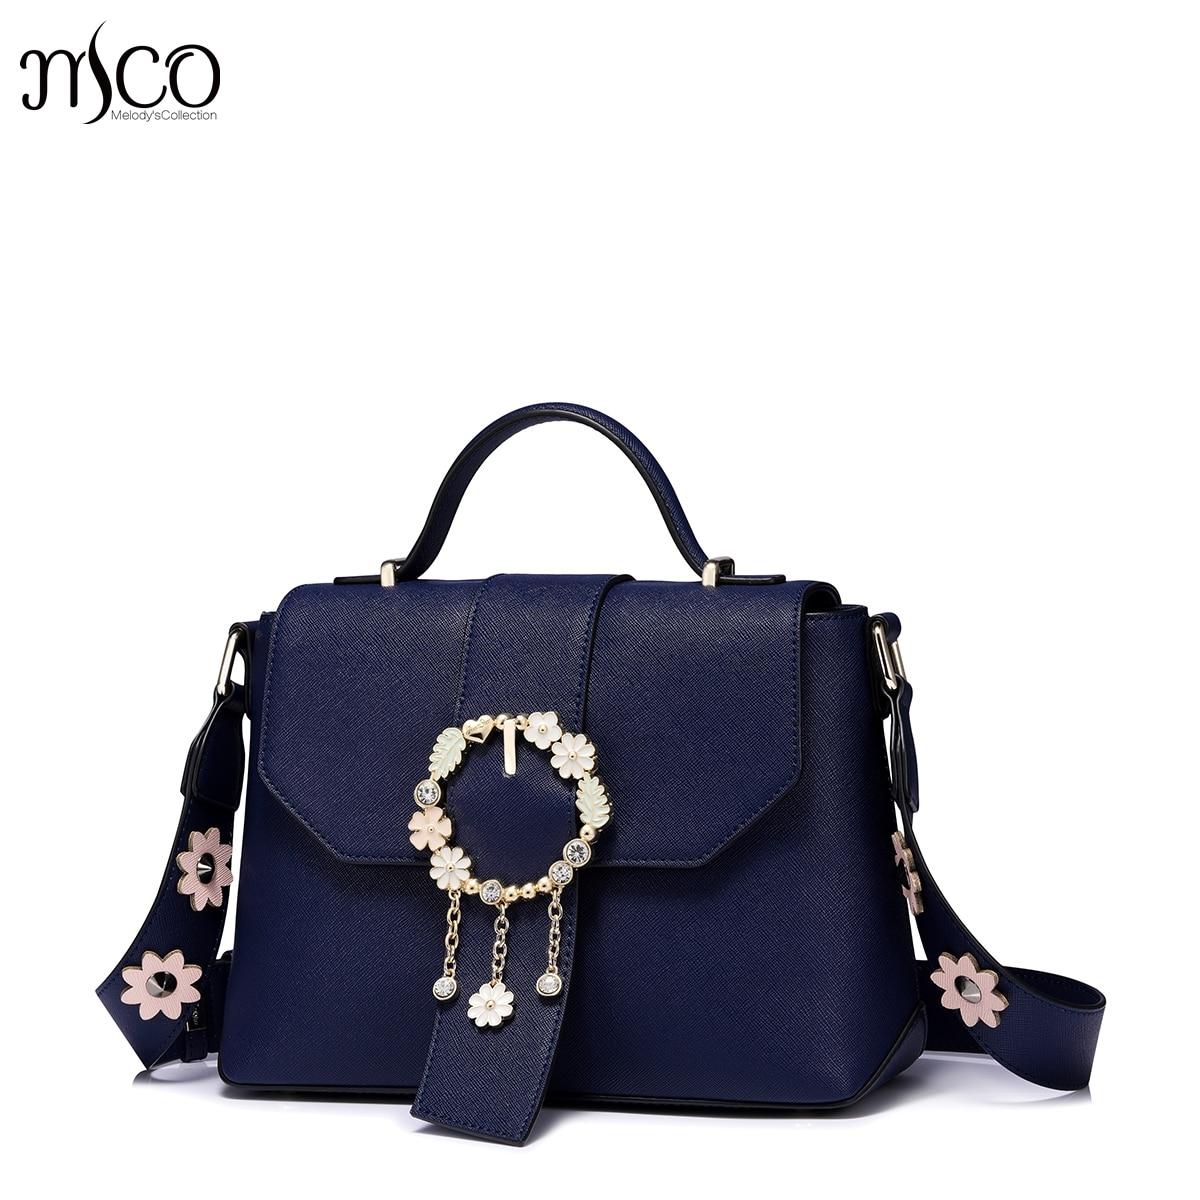 2017 fleur délicate bijoux luxe sac à main femmes sacs designer marque épaule femme petit sac à bandoulière pour filles fleur sangle